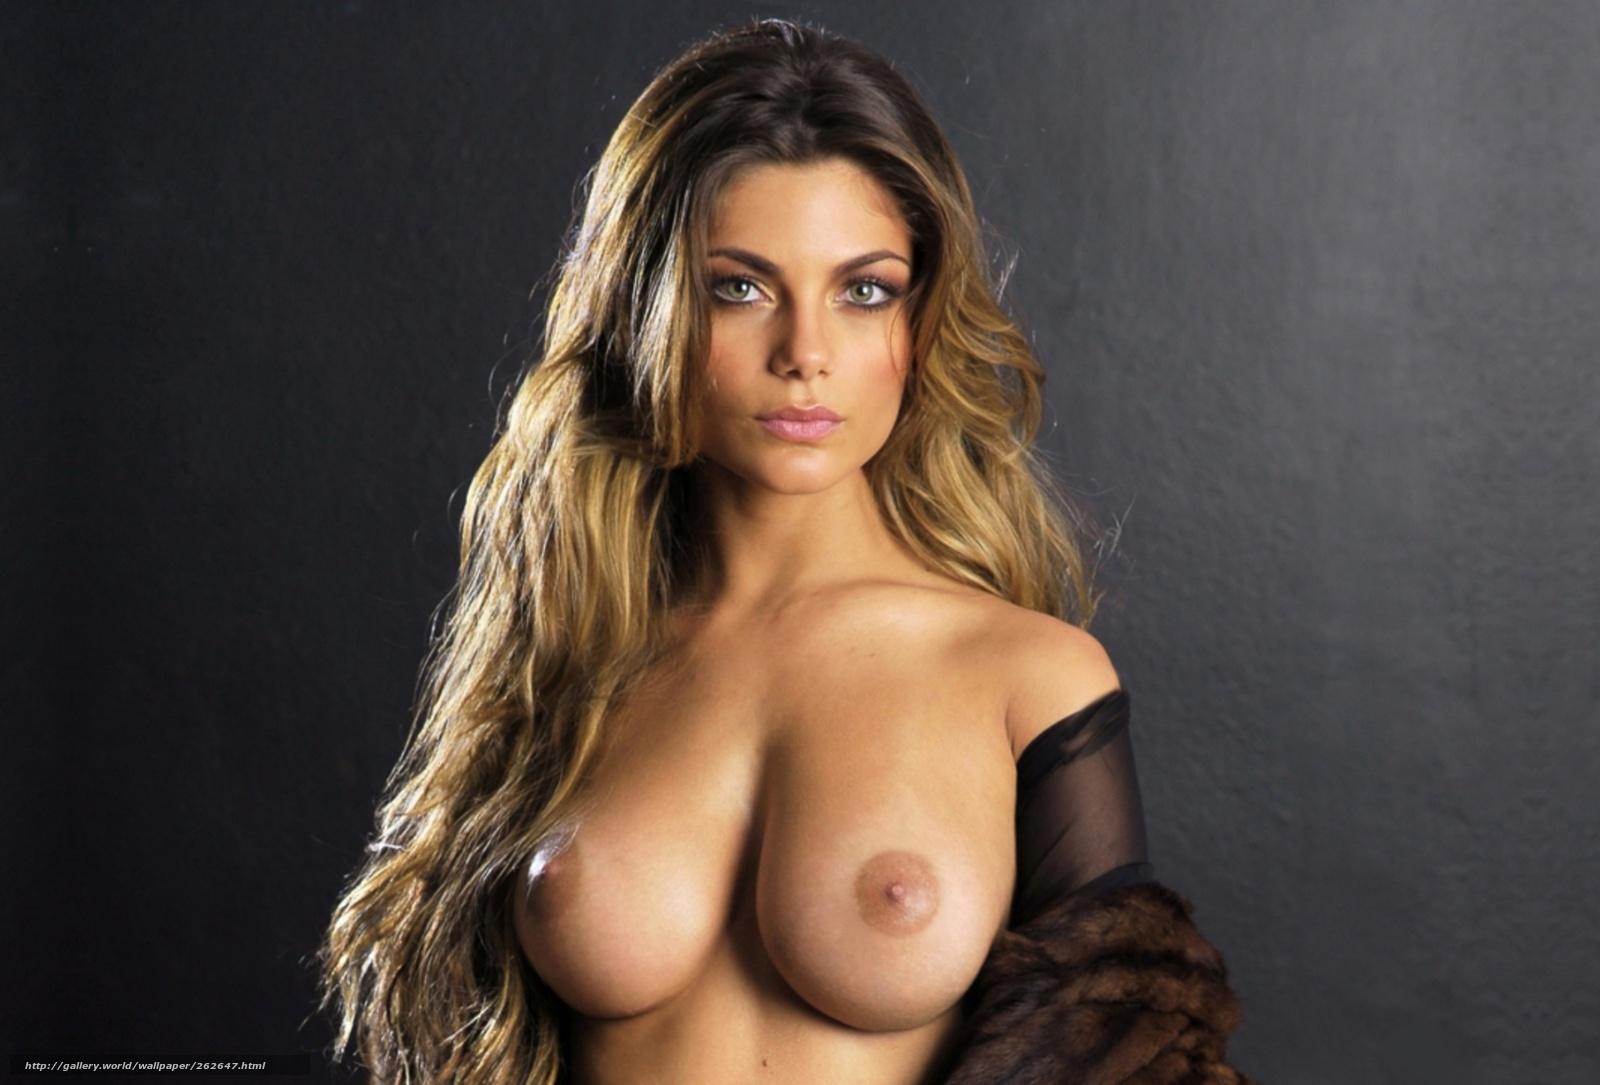 Фотомодель голая грудь 17 фотография